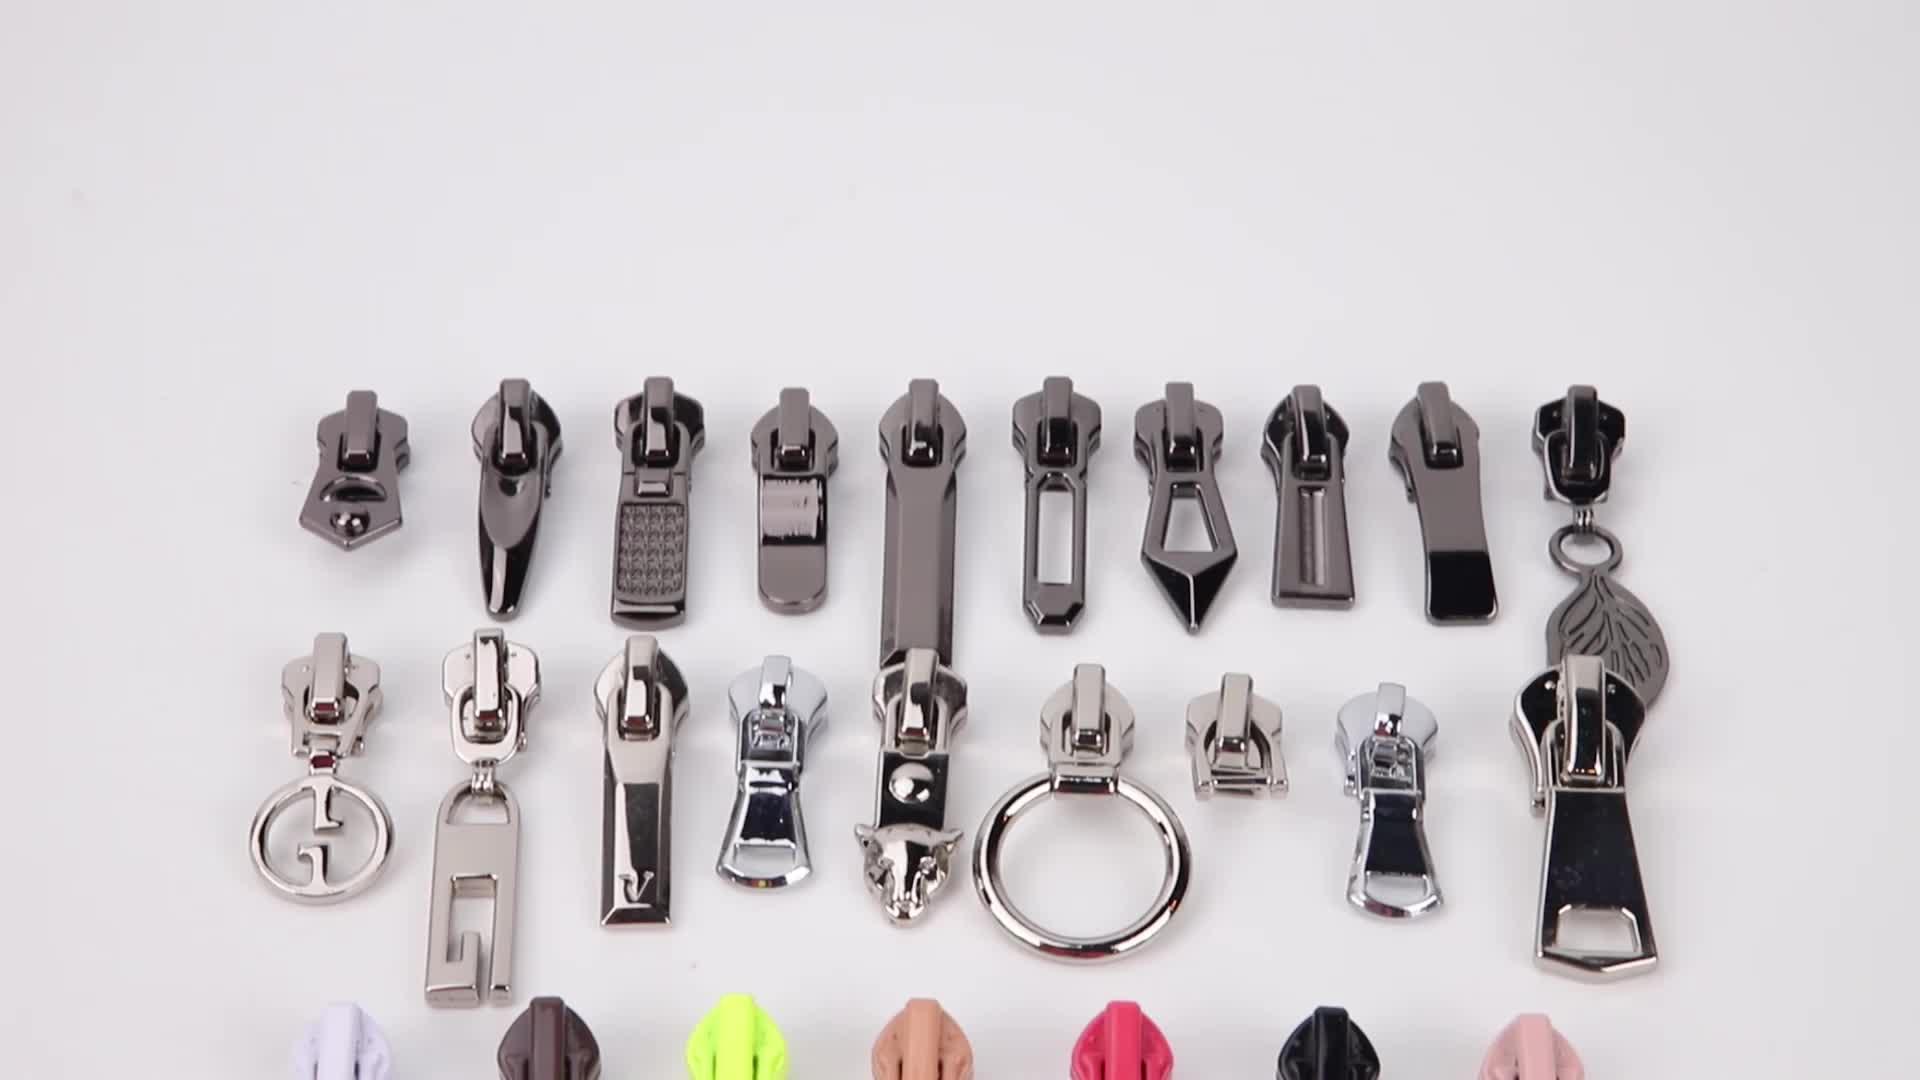 DSS Logo Personalizzato Placcatura 5 # Zip In Metallo Puller Cursori Della Chiusura Lampo Per Abbigliamento/Stivali